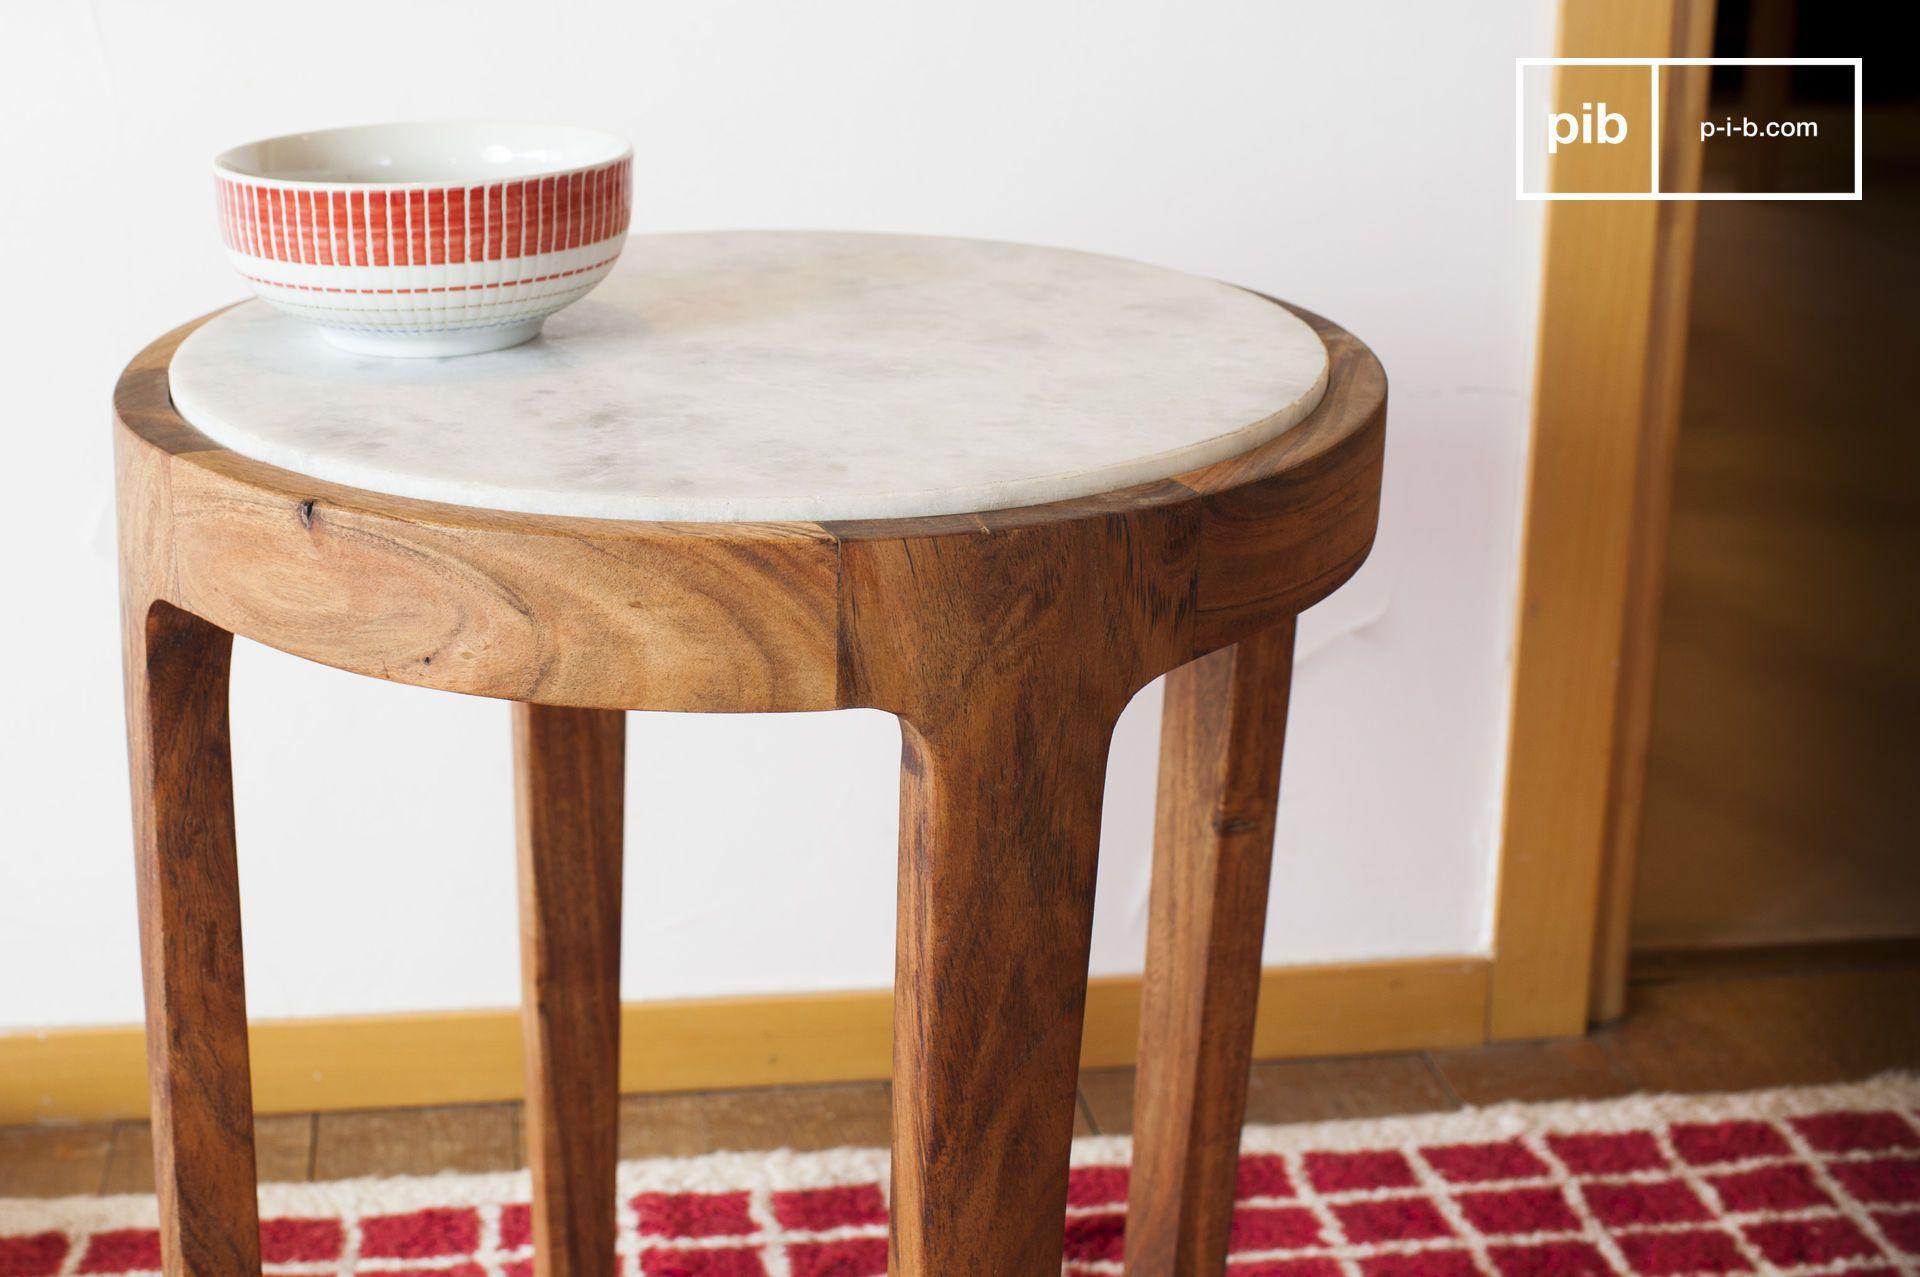 runder beistelltisch marmori pinterest beistelltische beistelltisch rund und marmor. Black Bedroom Furniture Sets. Home Design Ideas